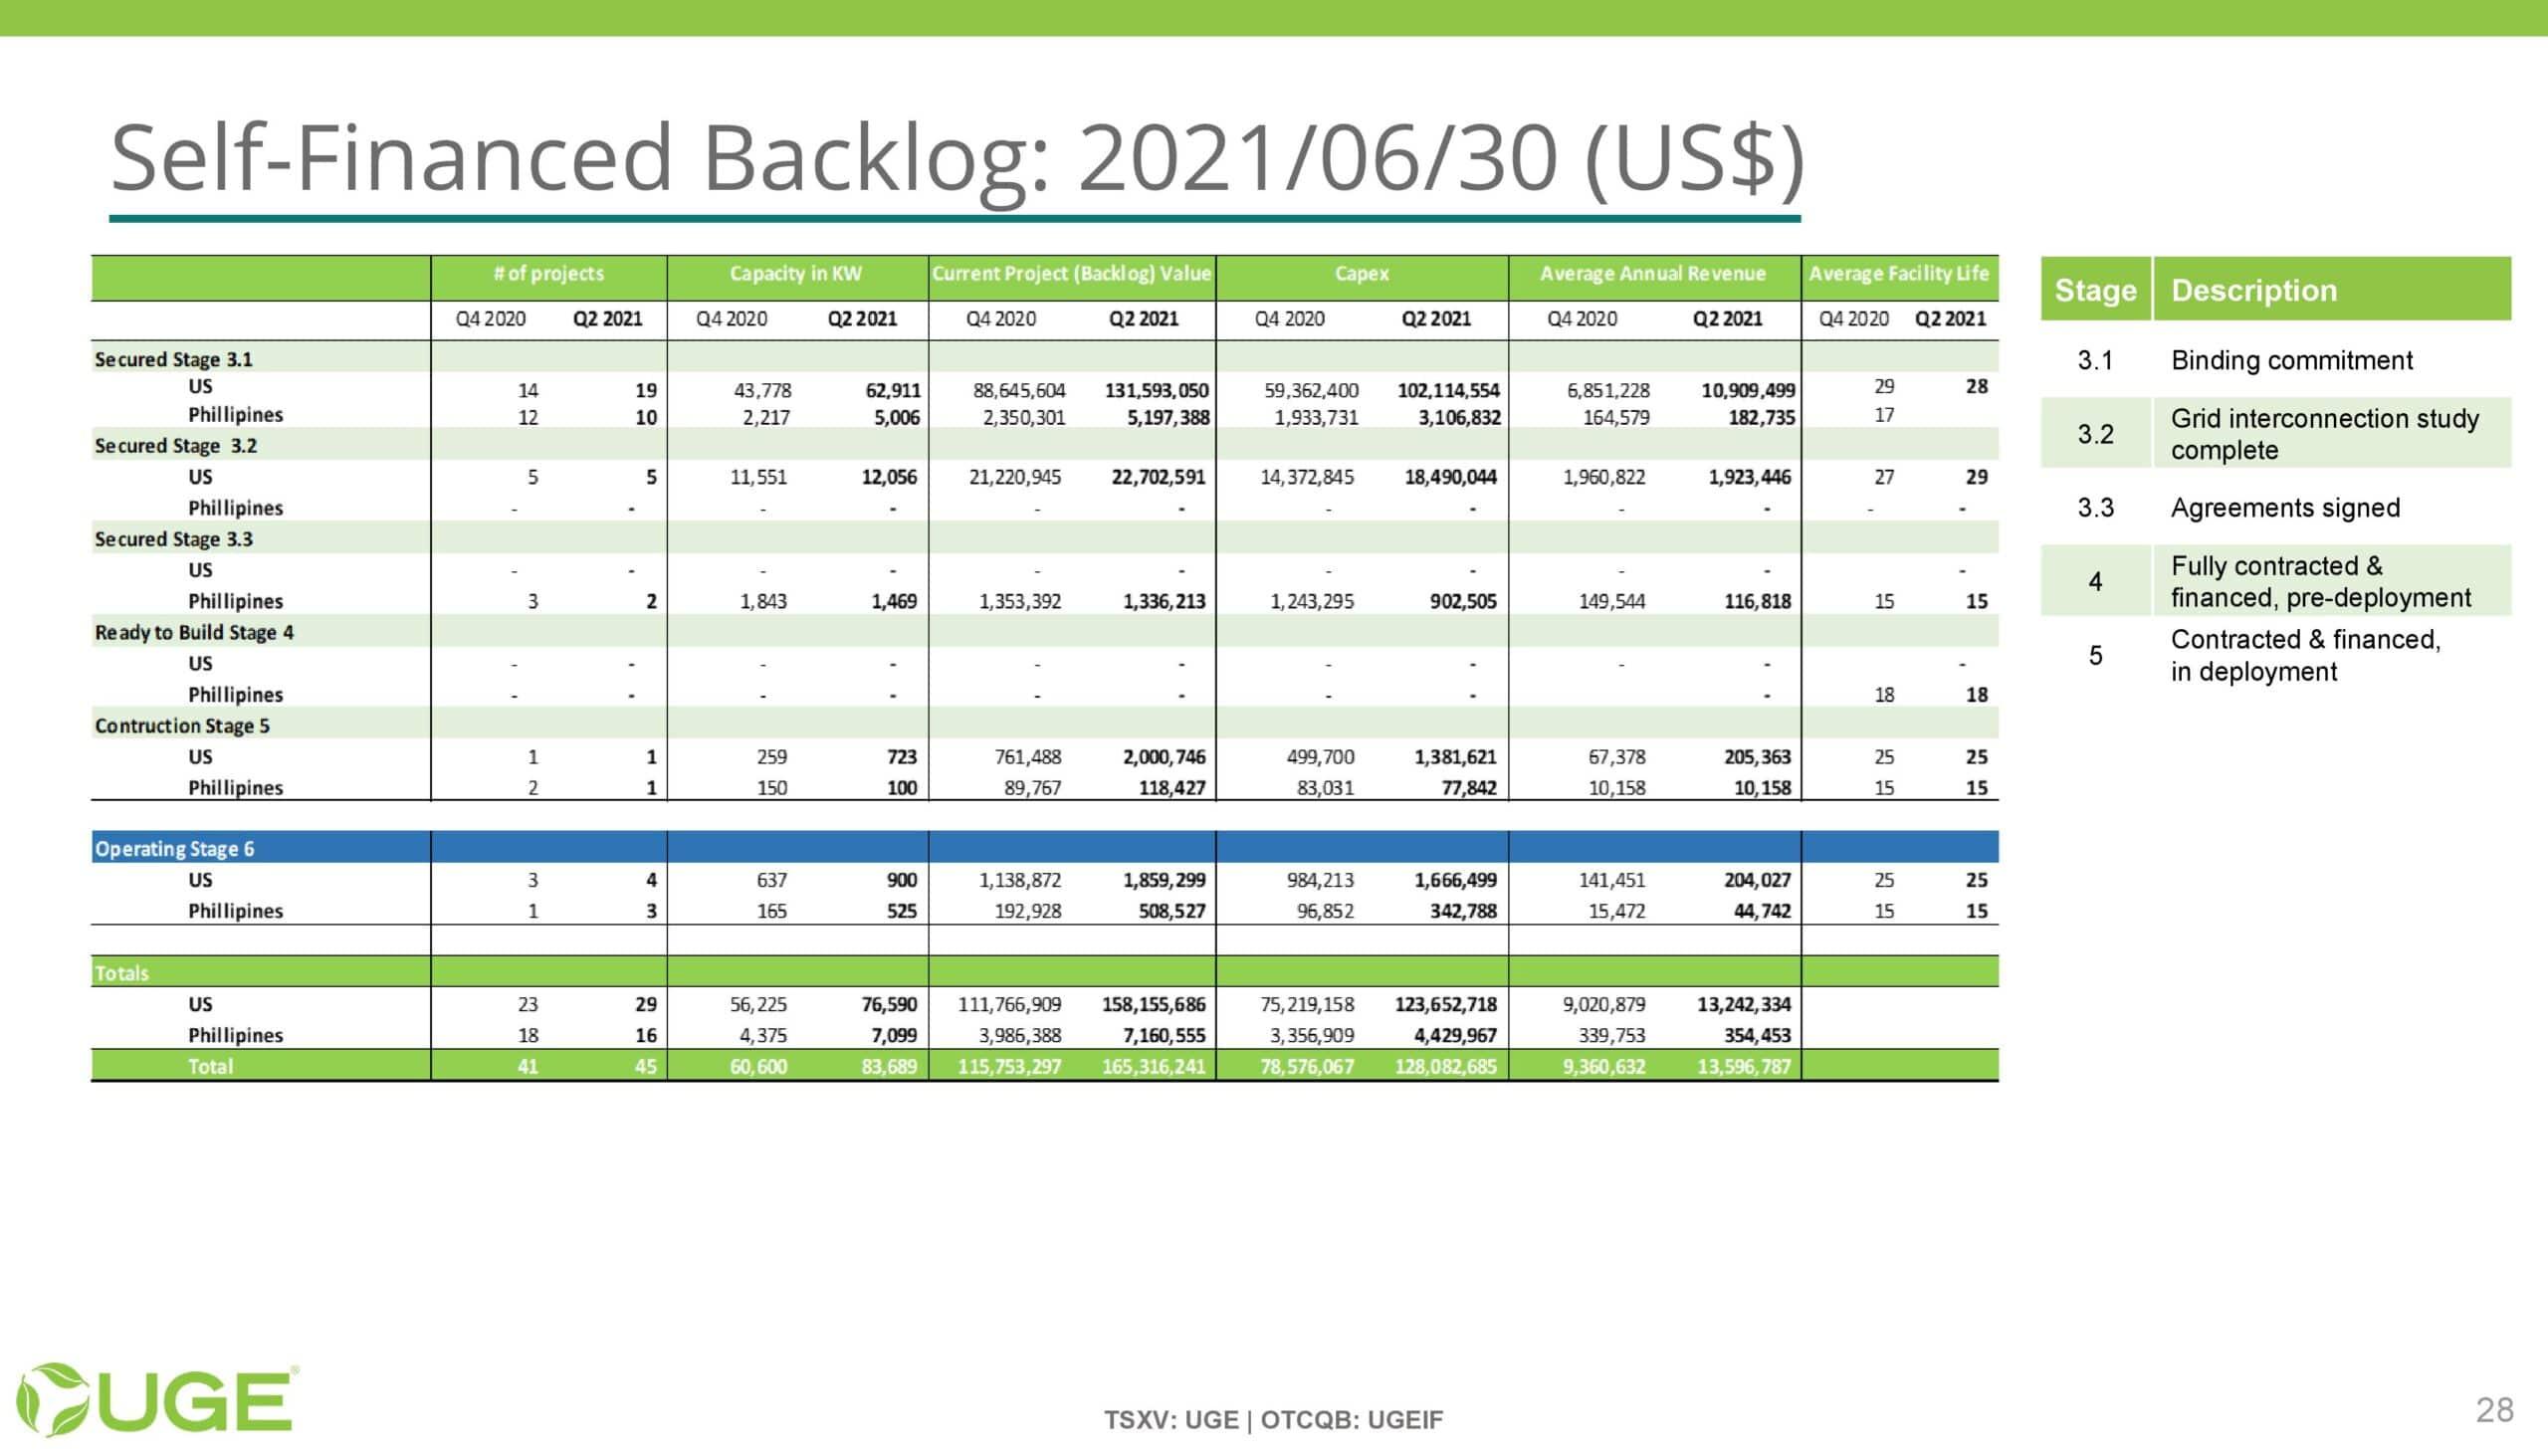 UGE Investor Presentation - 20211001-page-027